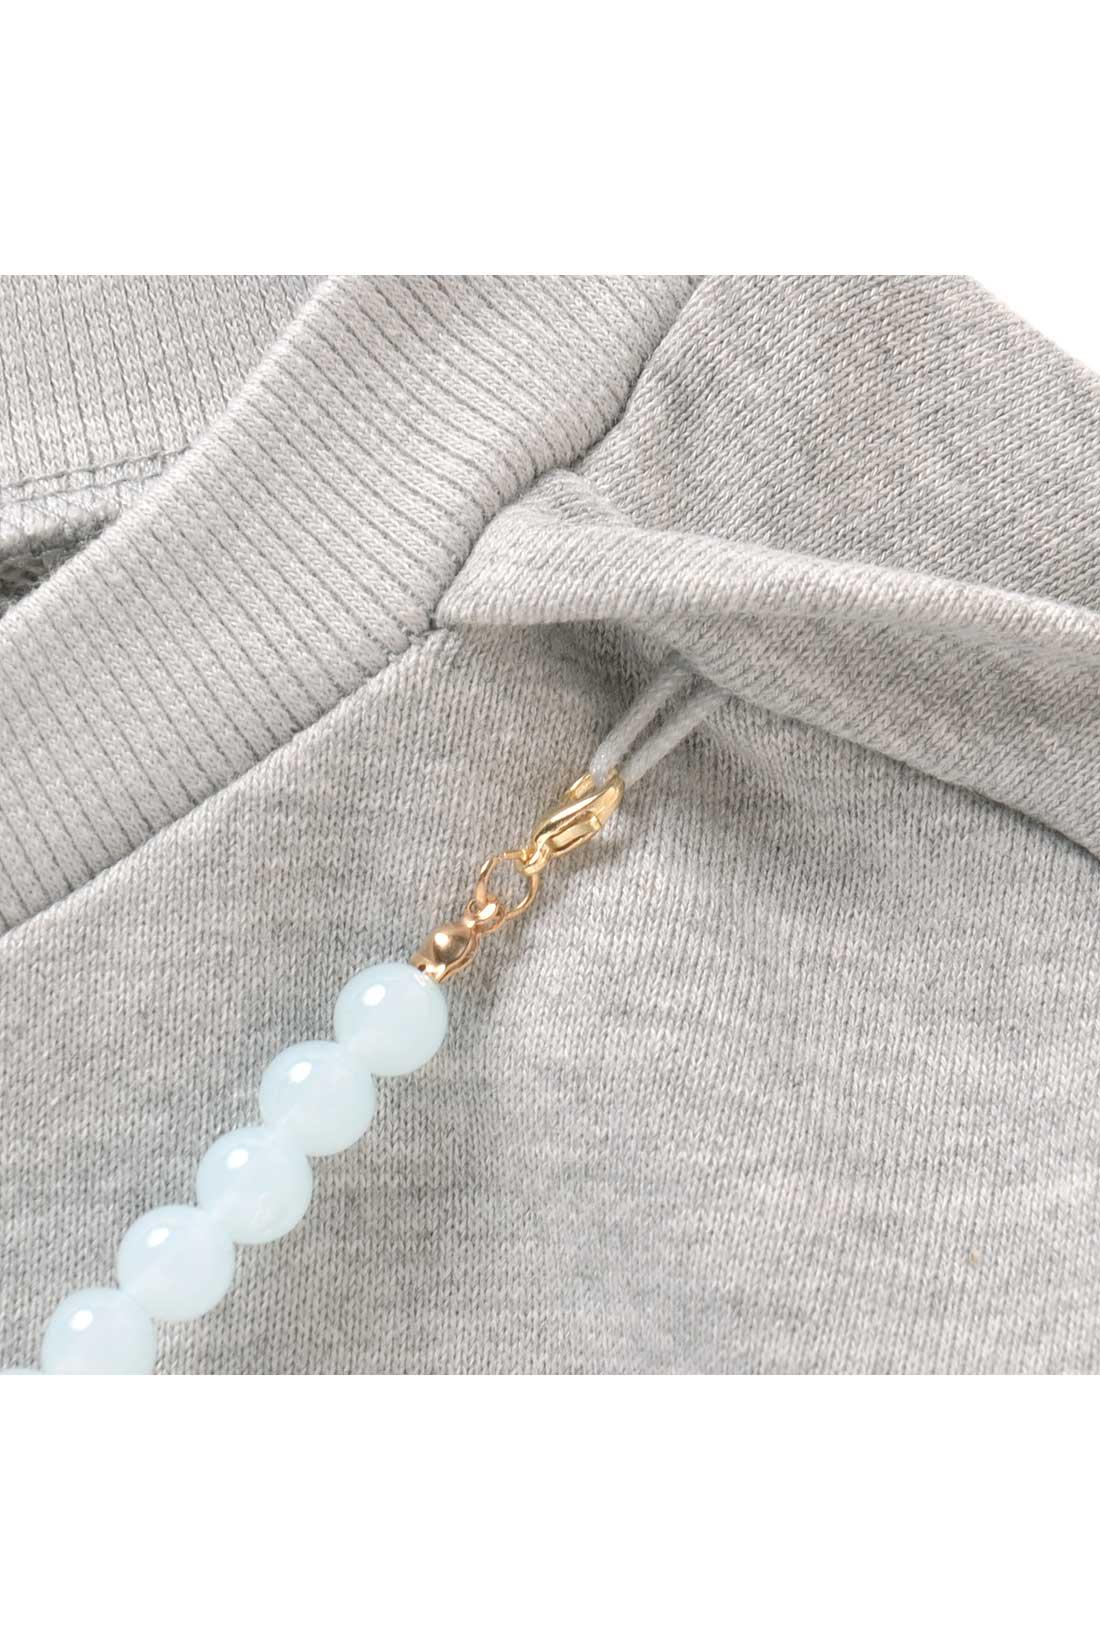 ネックレスみたいな金具が付いていて、それで付けたり外したりができるのです。